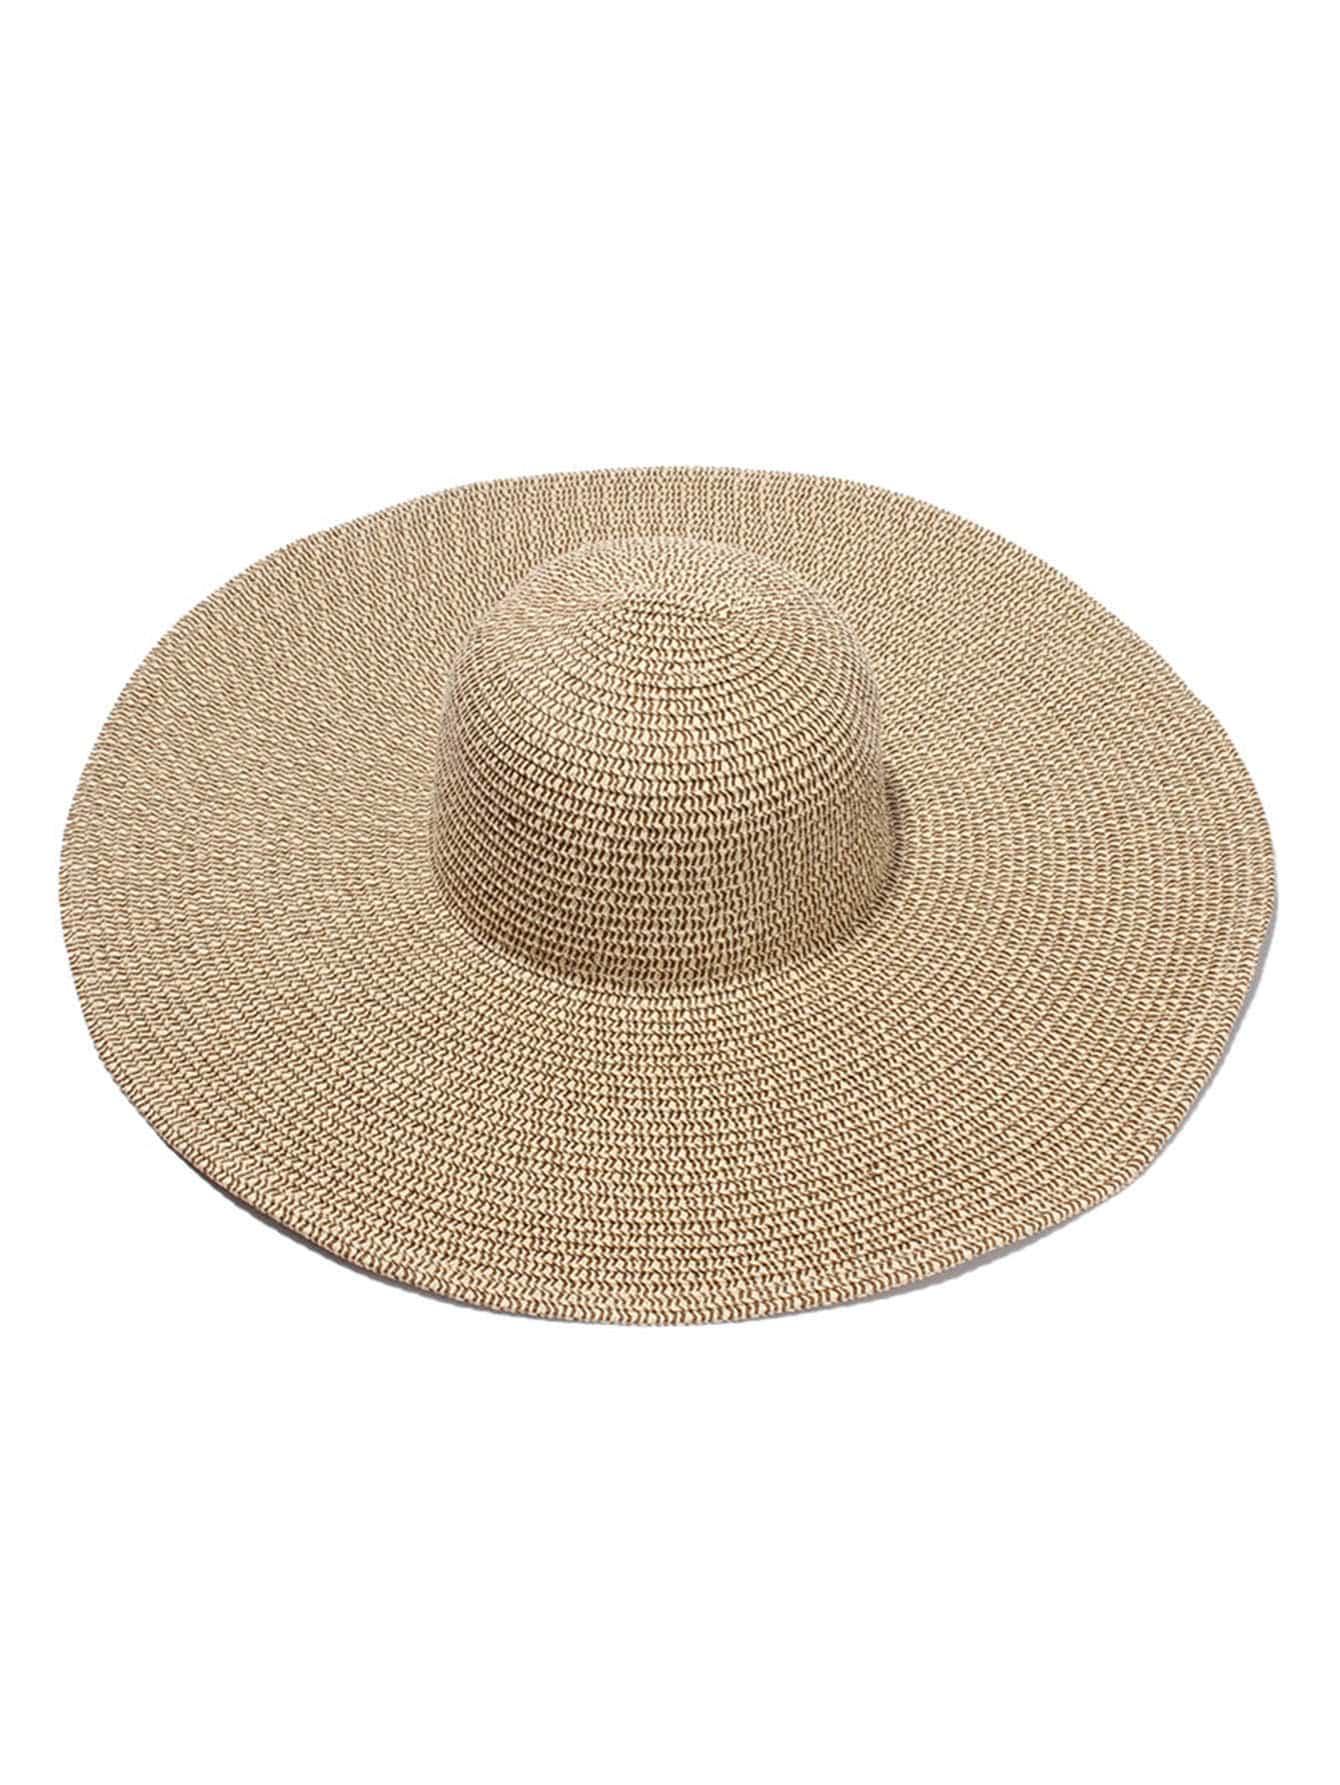 chapeau de paille souple norme french romwe. Black Bedroom Furniture Sets. Home Design Ideas